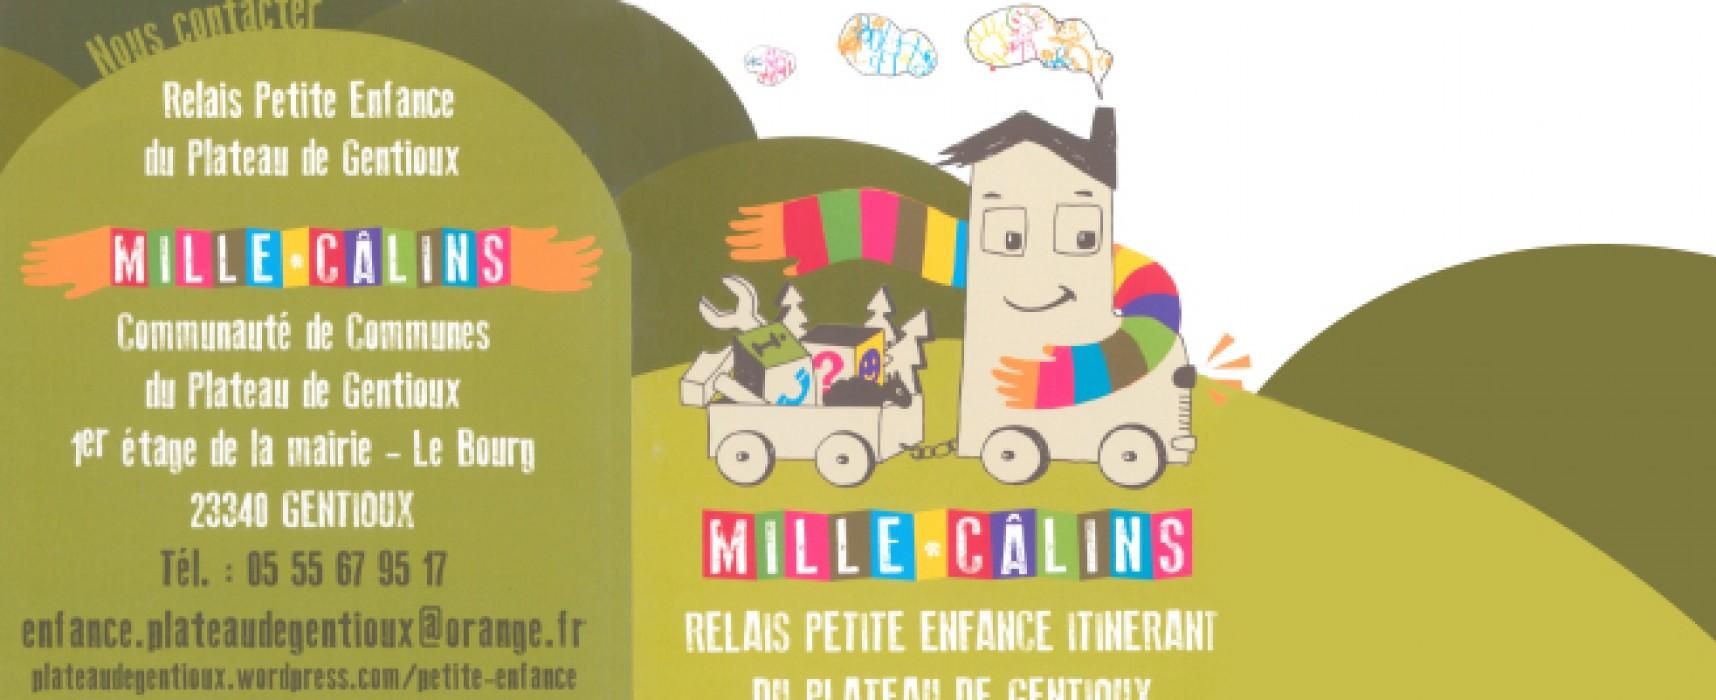 Ateliers d'octobre relais petite enfance «millecâlins»